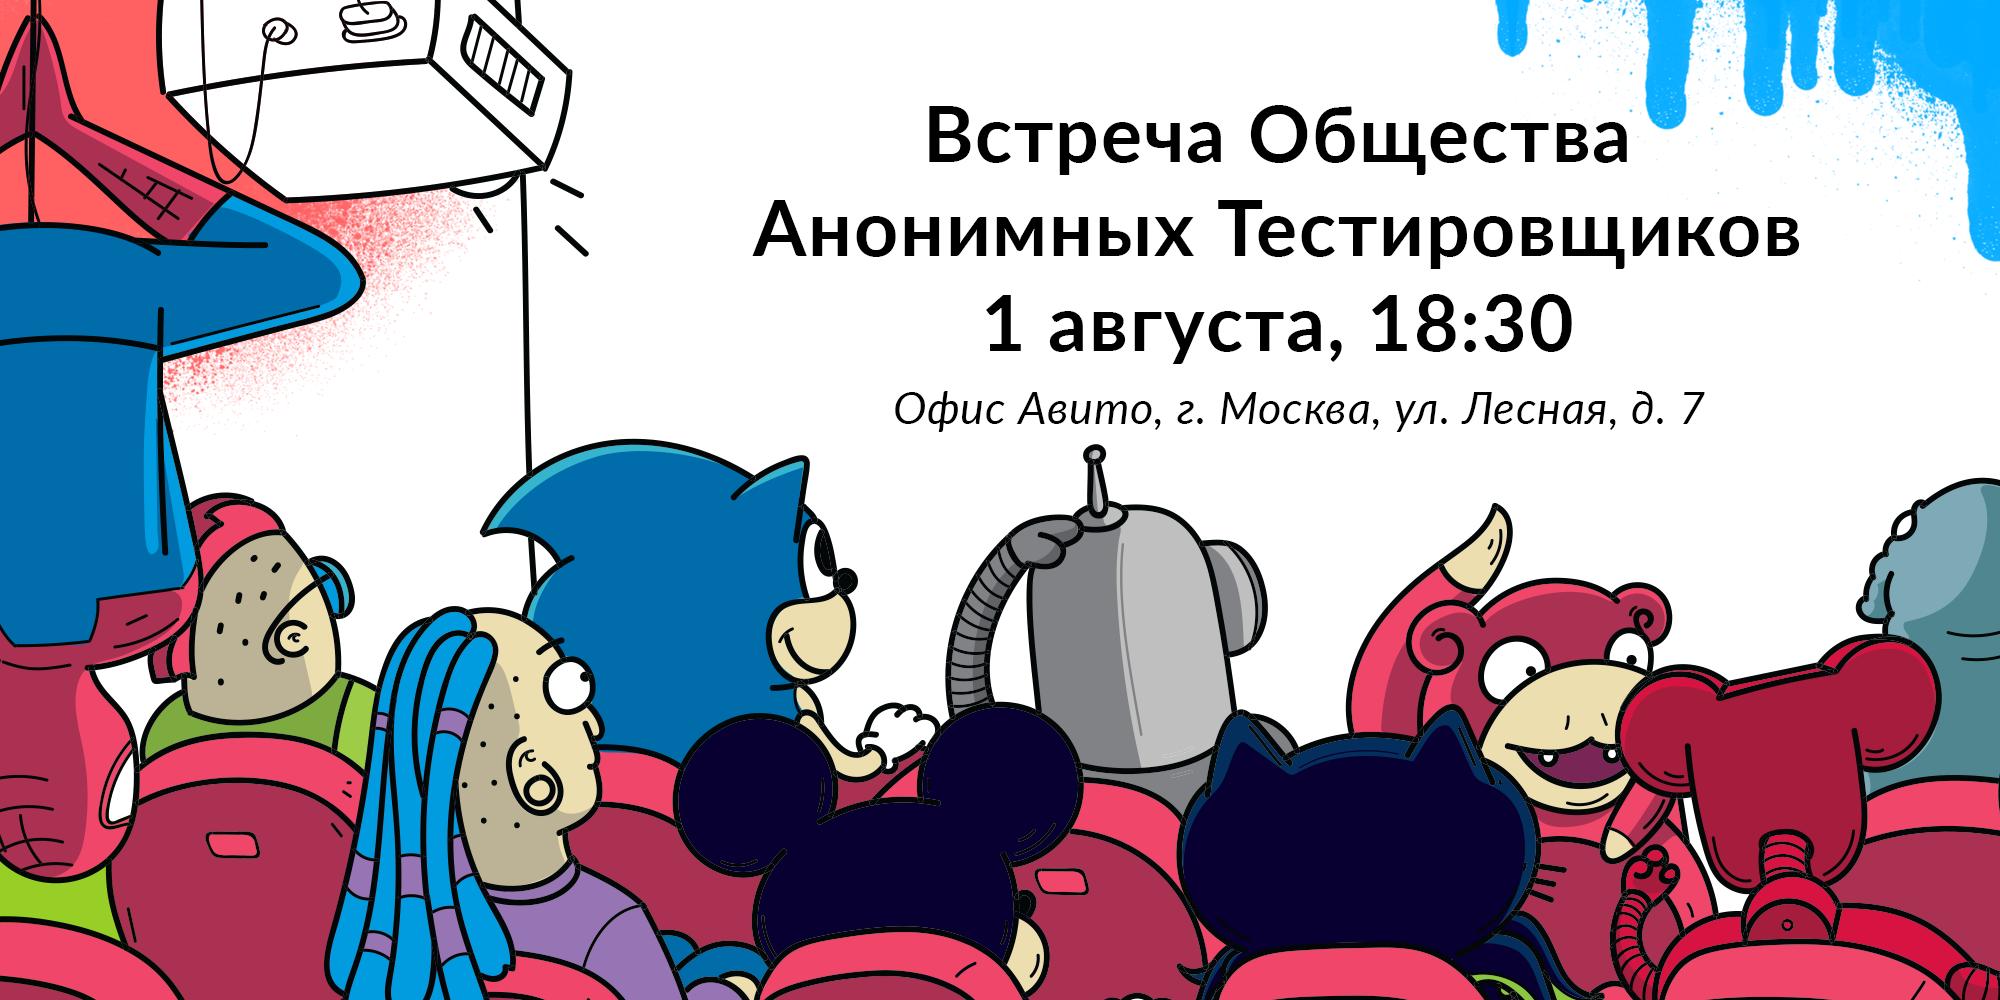 Встреча Общества Анонимных Тестировщиков: TMS, мониторинг мониторинга, оценка качества поиска и нативные iOS-тесты